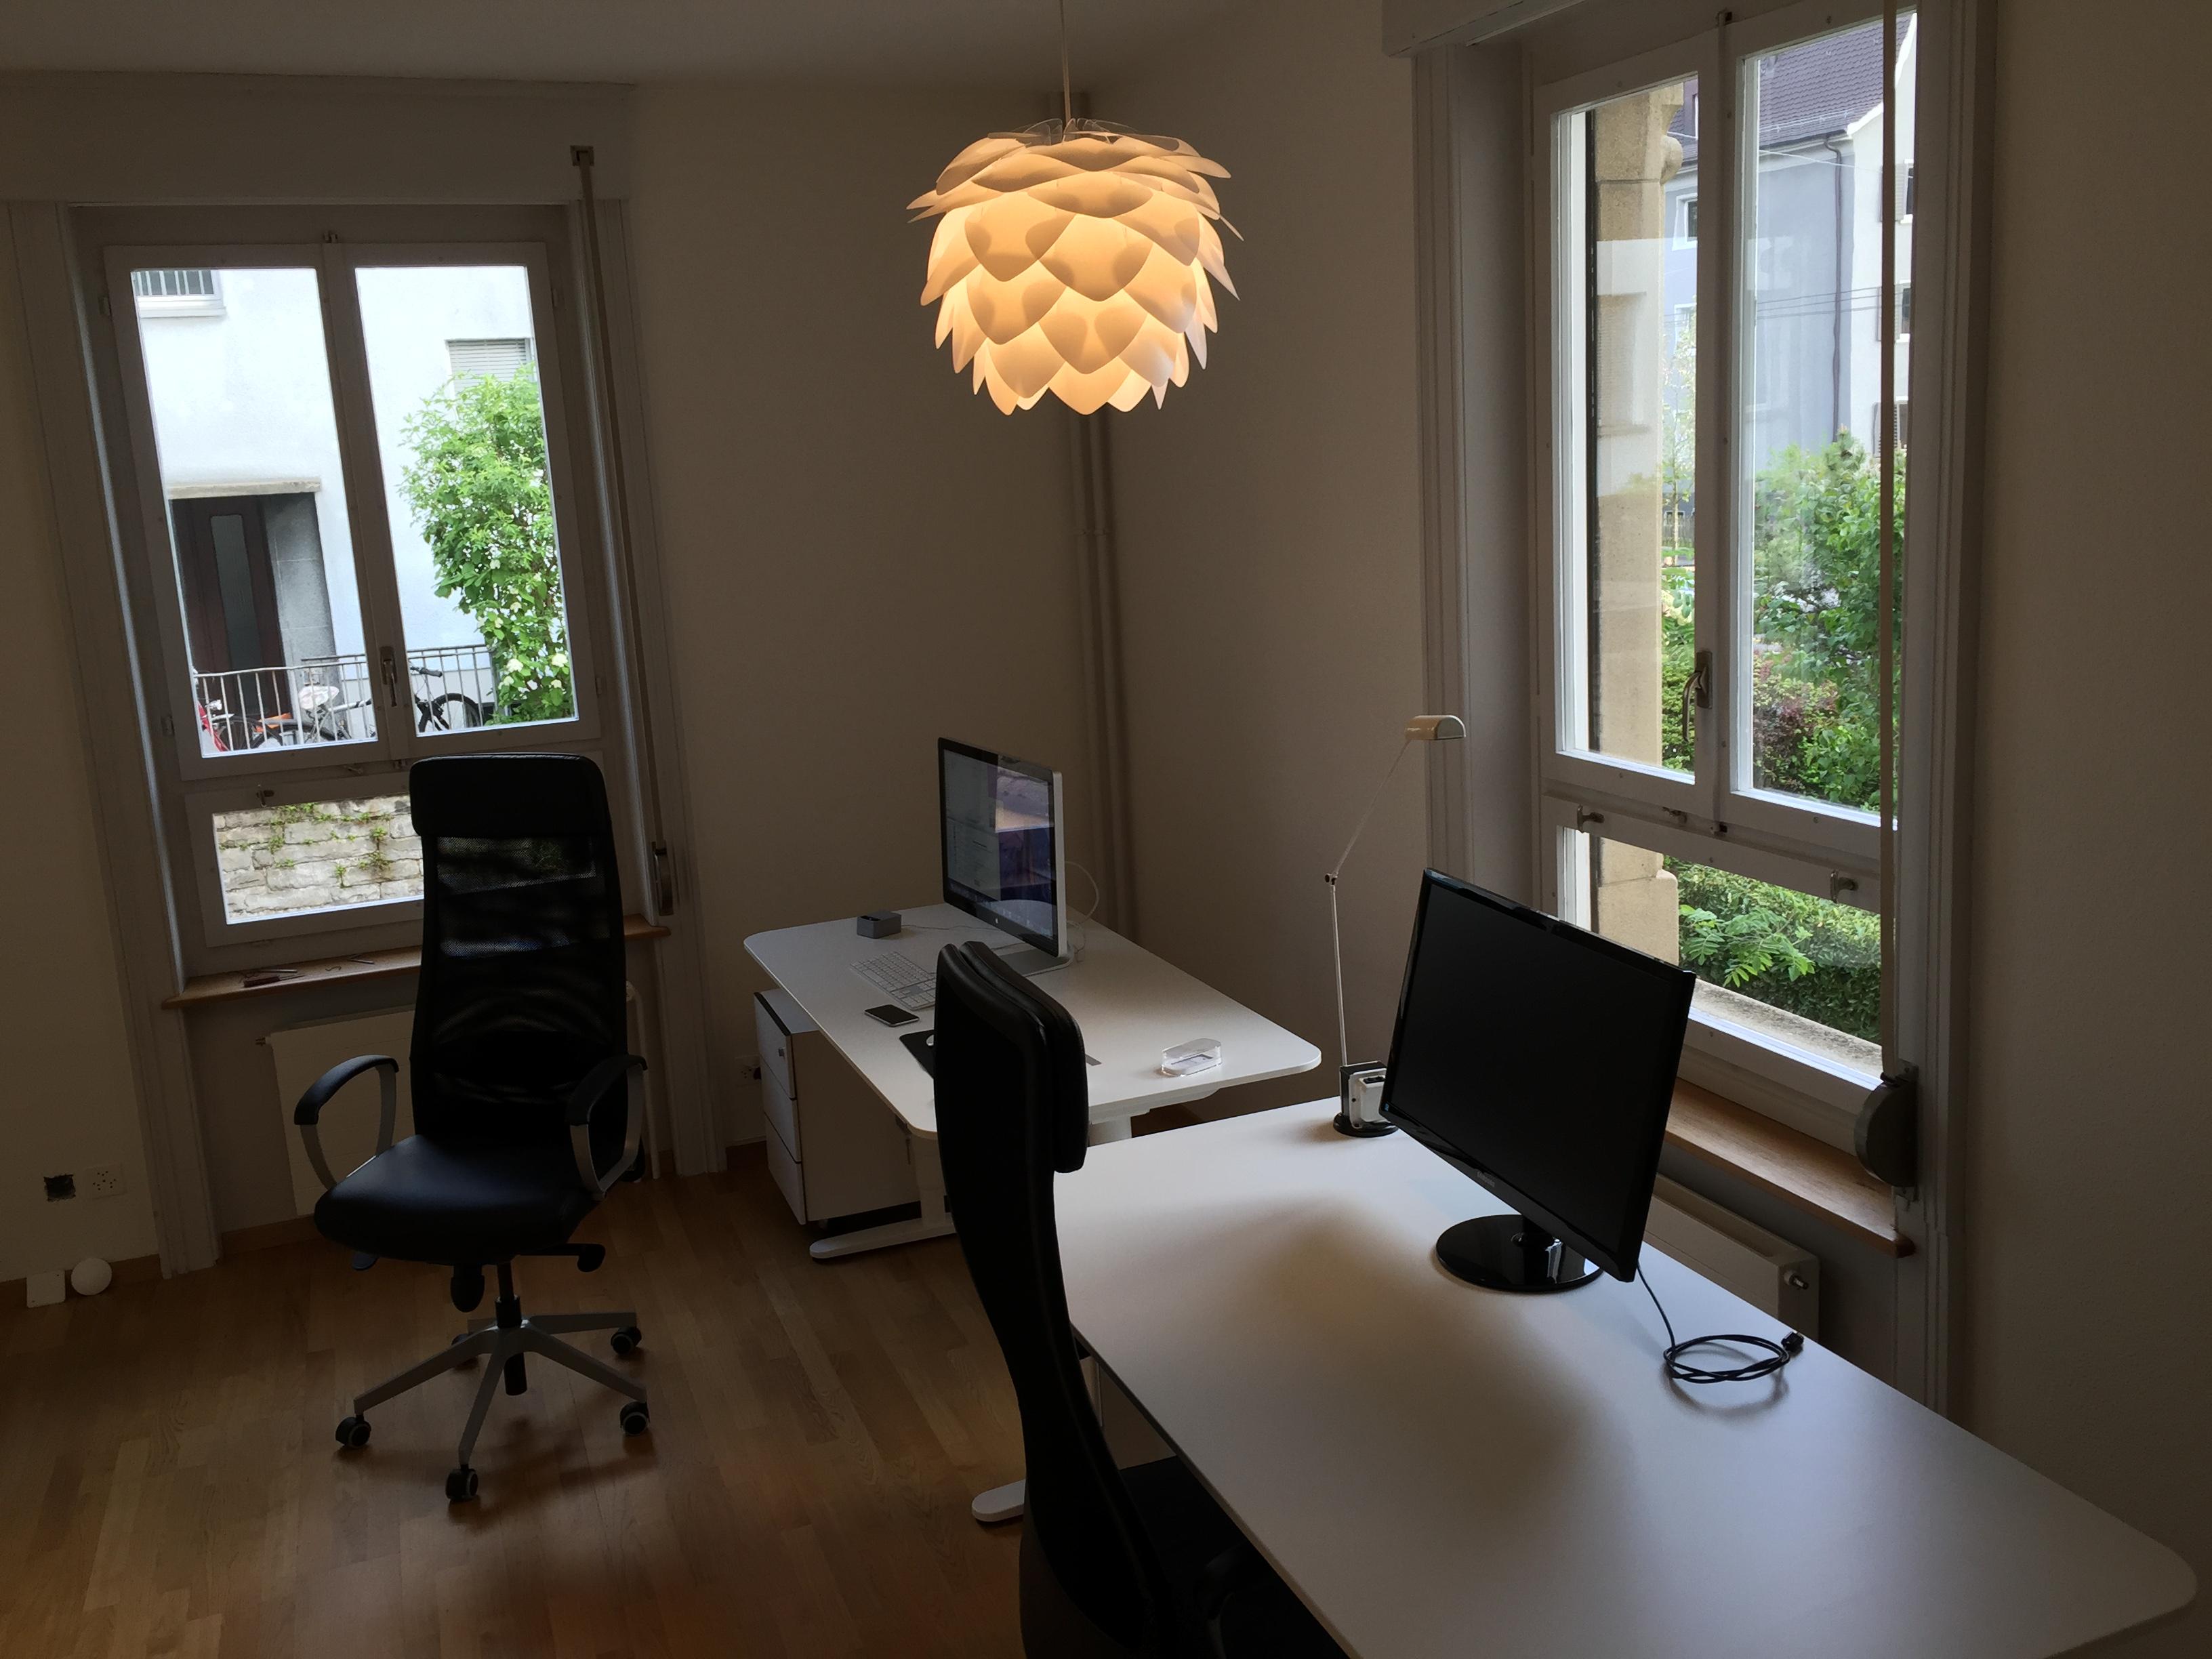 Büromöbel Aus Insolvenz: Bildgalleri f r kontor ikea. Die ...